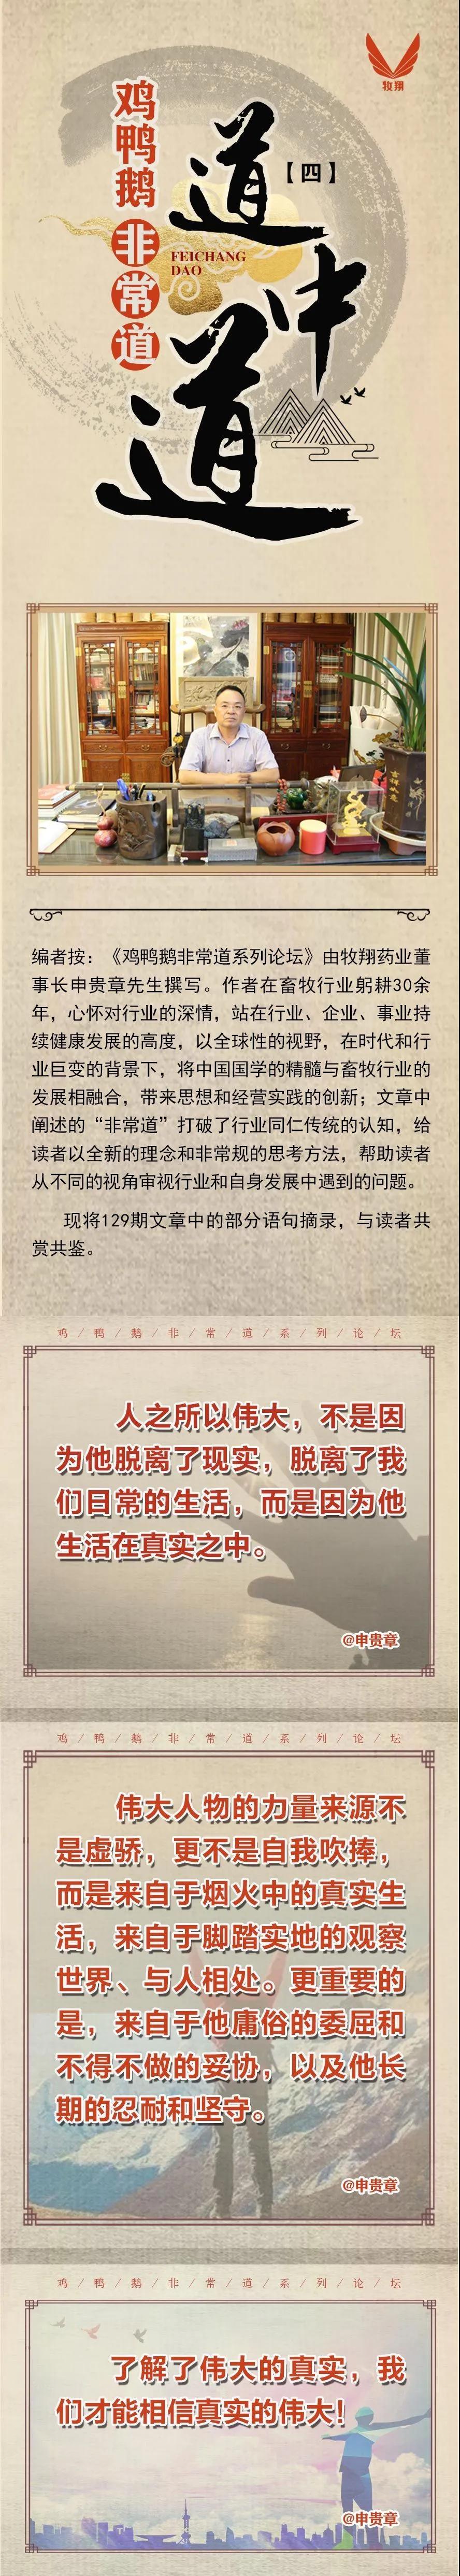 【文化牧翔】一图看懂鸡鸭鹅非常道之道中道(四)